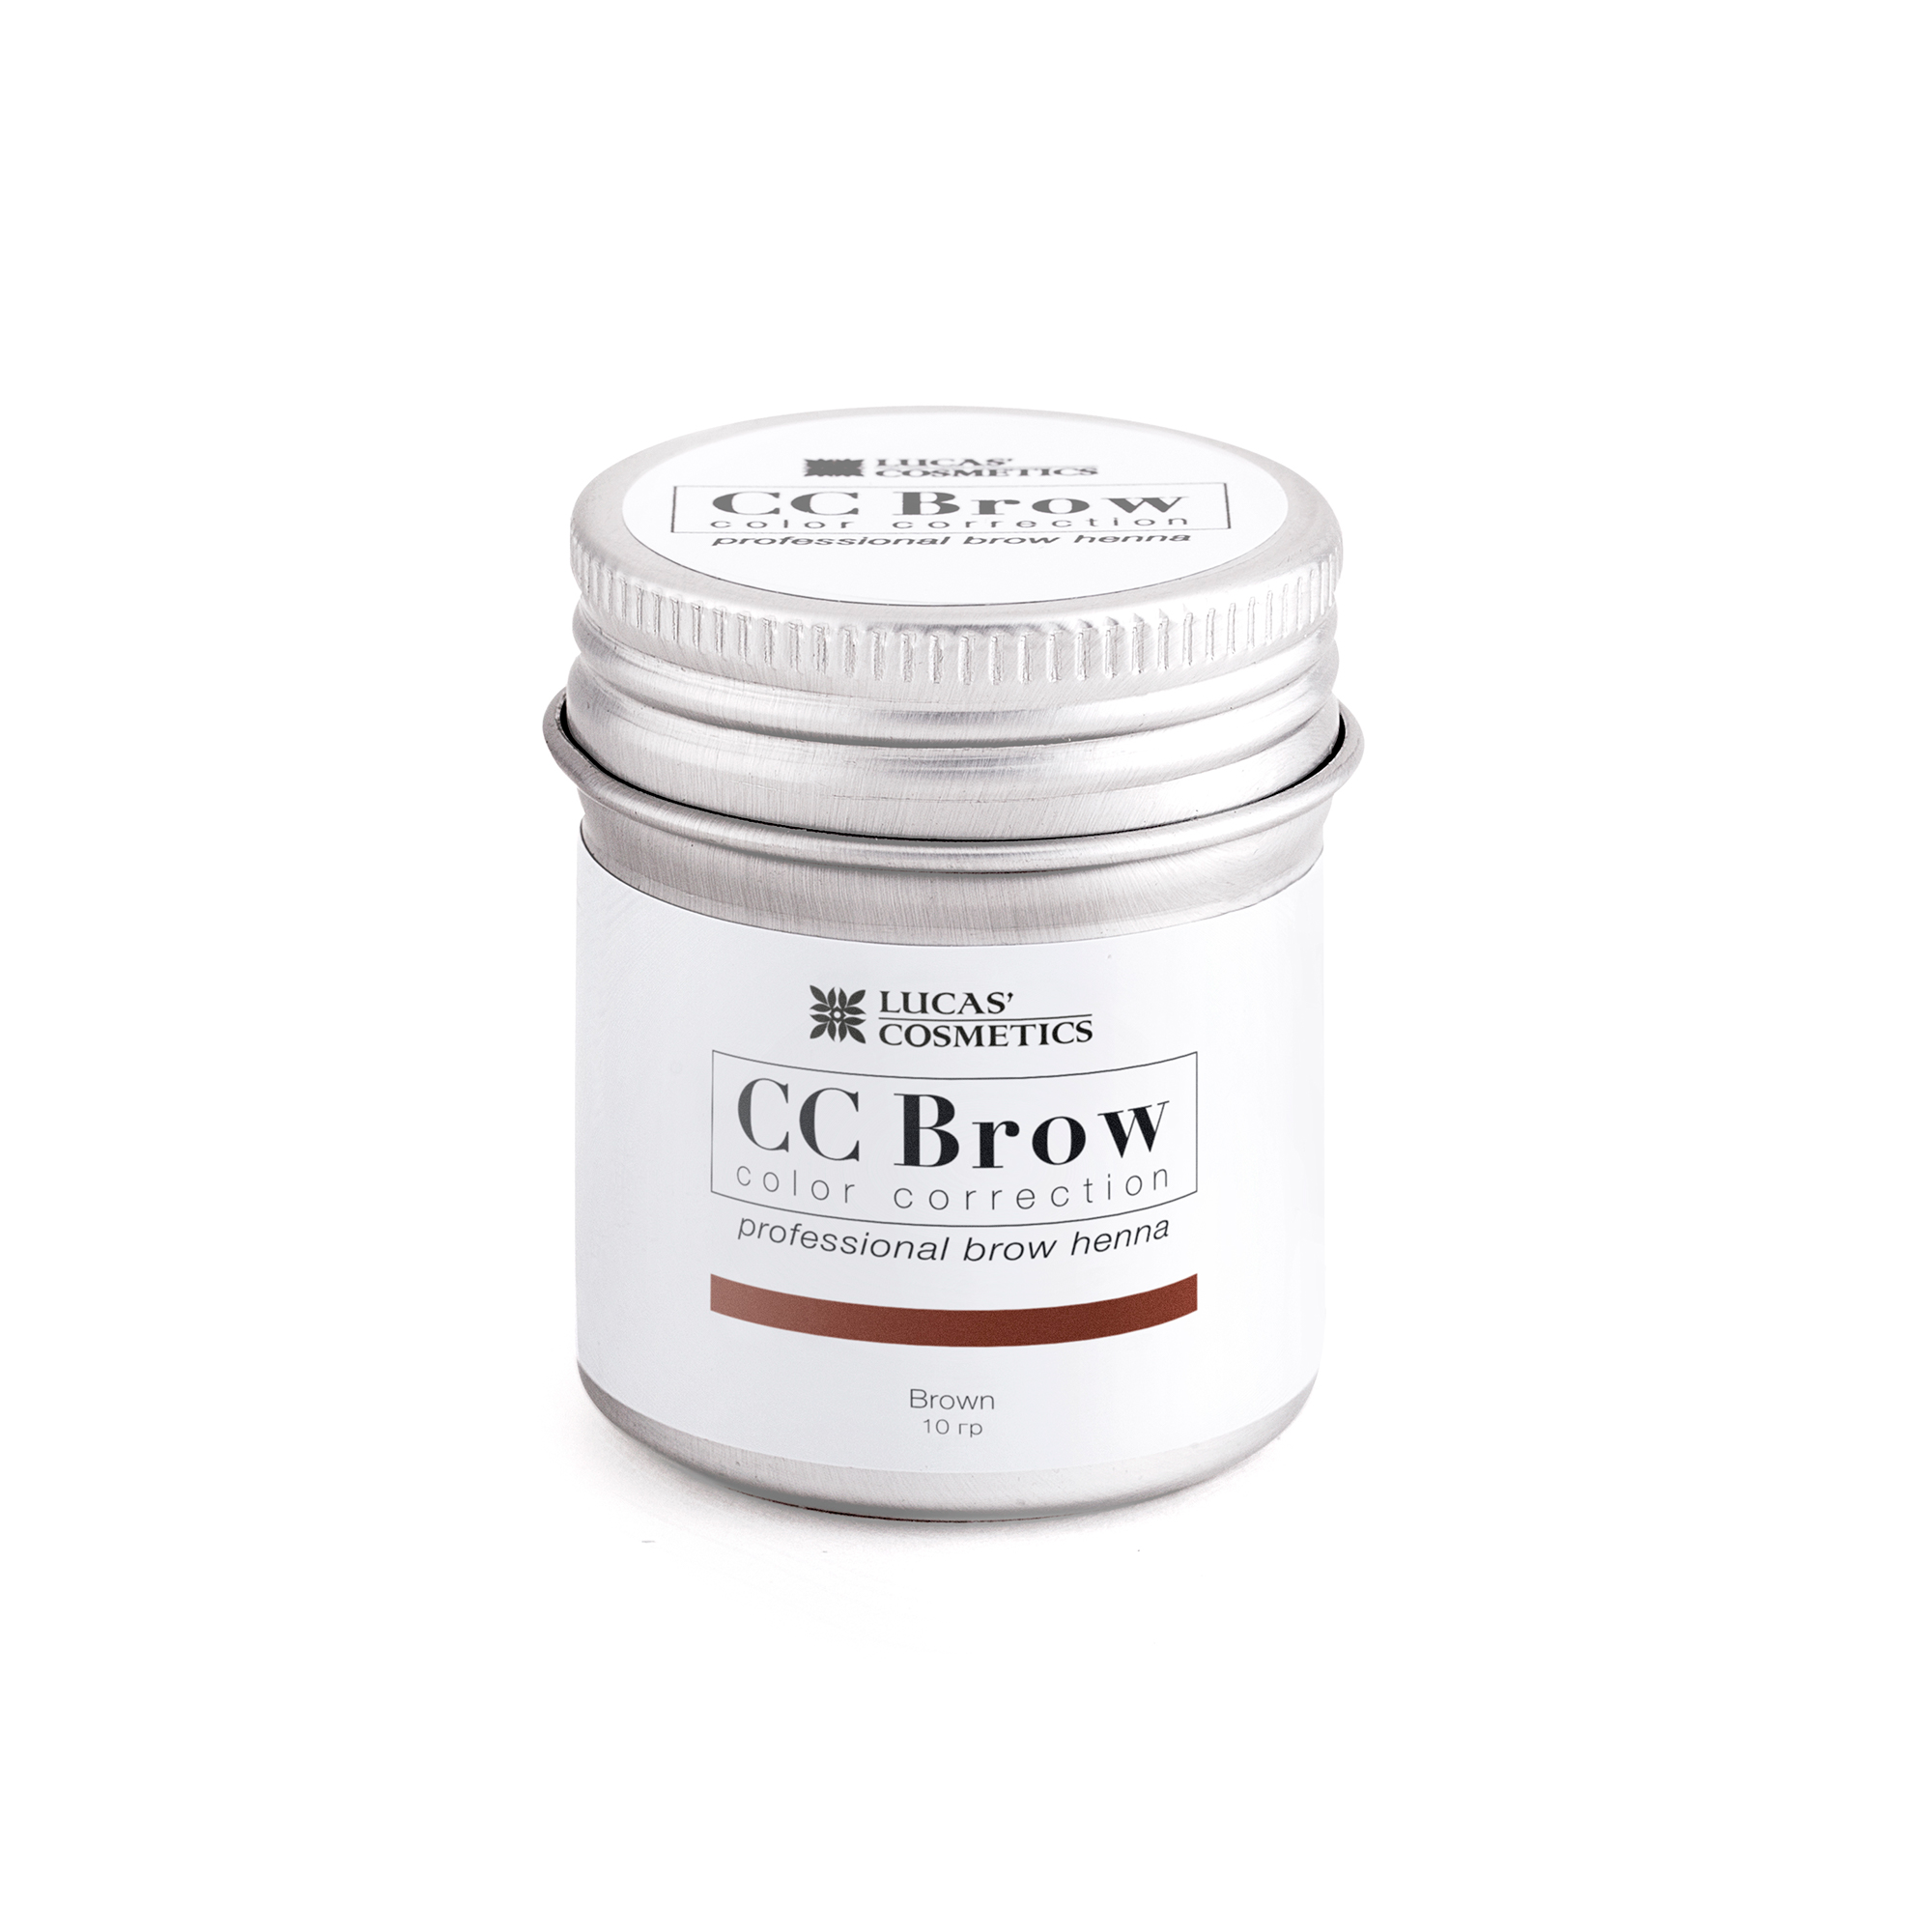 LUCAS' COSMETICS Хна для бровей в баночке (коричневый) / CC Brow (brown), 10 гр